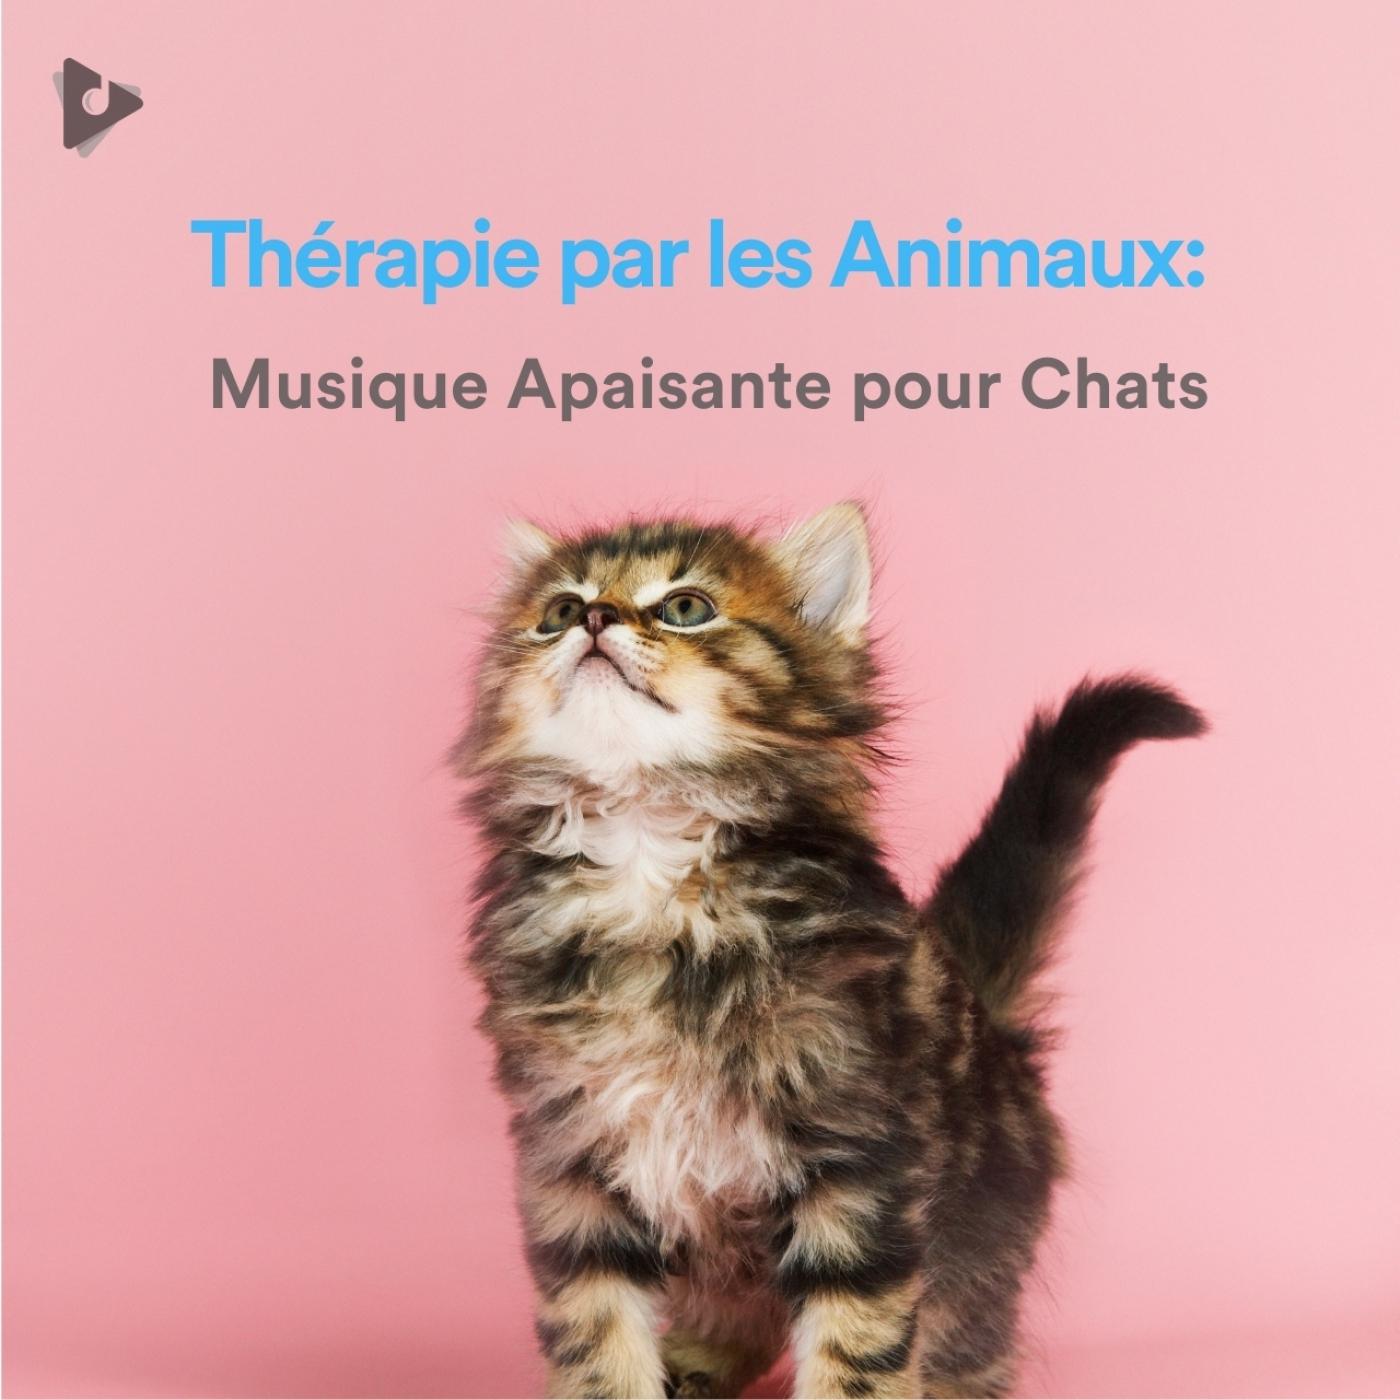 Thérapie par les Animaux: Musique Apaisante pour Chats